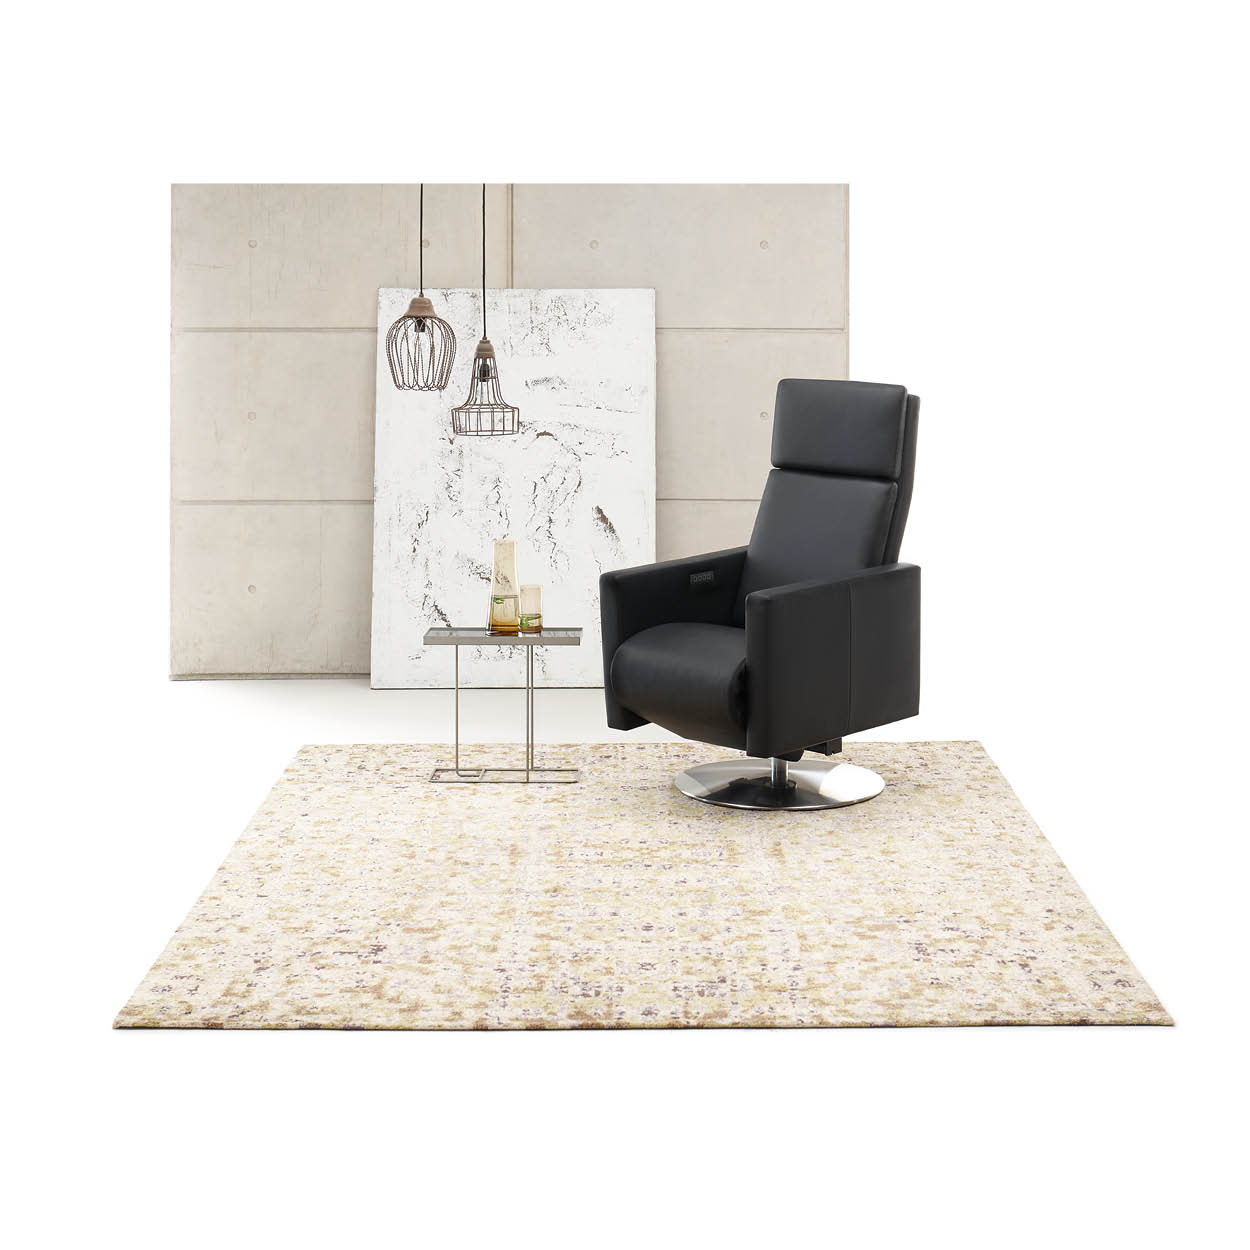 Erpo EM 210 elektrische fauteuil